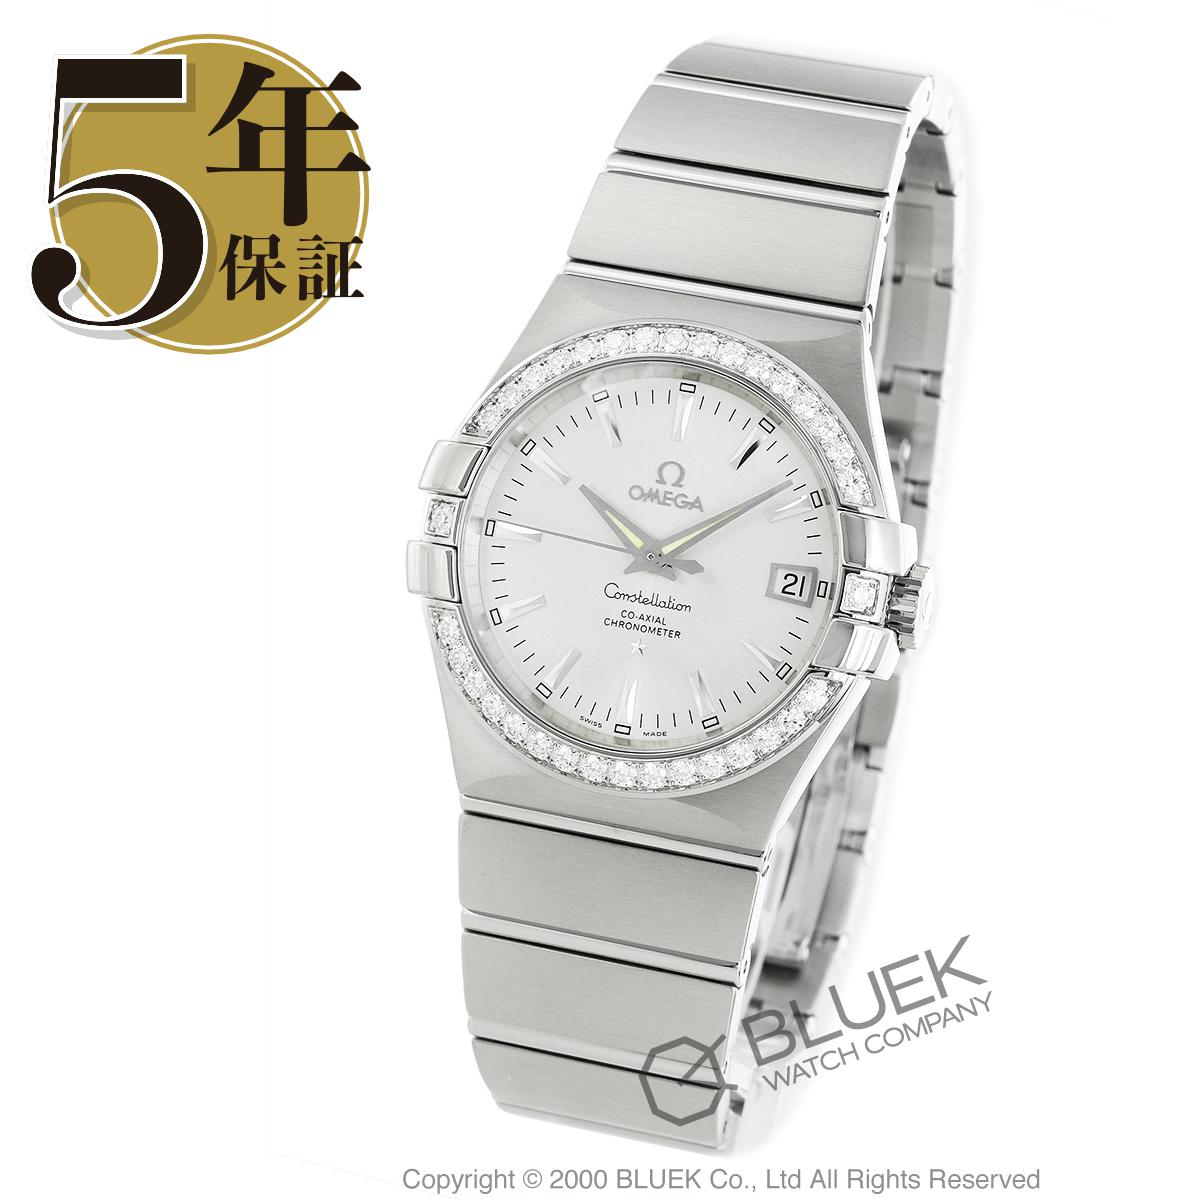 オメガ コンステレーション ブラッシュ ダイヤ 腕時計 ユニセックス OMEGA 123.15.35.20.02.001_8